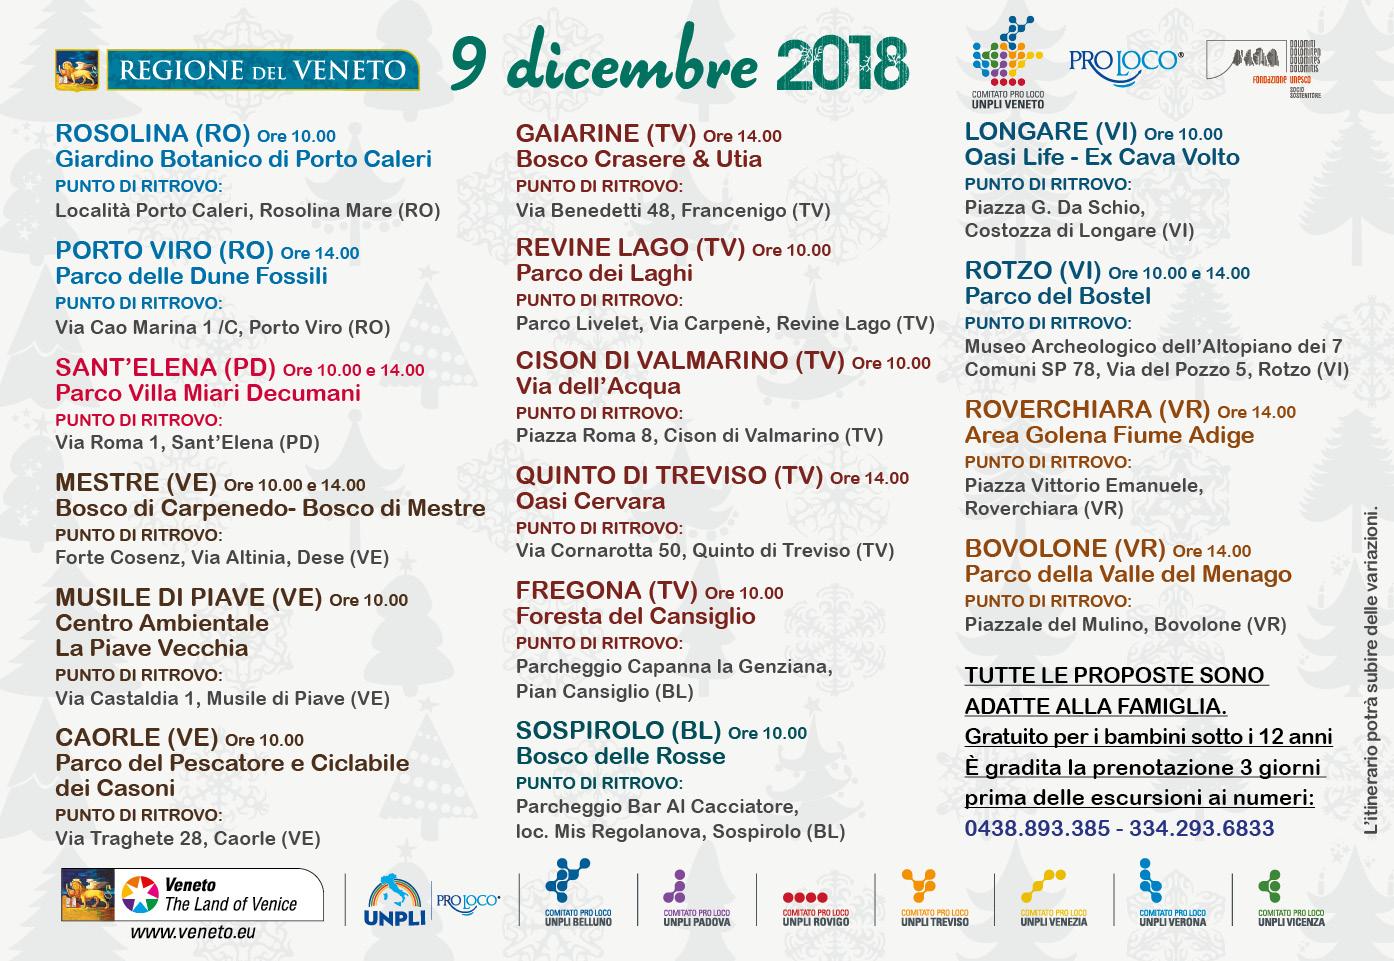 Menu Di Natale Tradizionale Veneto.Natale 2018 A Treviso Le Proposte E I Menu Dei Ristoranti In Provincia Di Treviso Per Il Pranzo Natale 2018 Il Calendario Degli Eventi In Programma